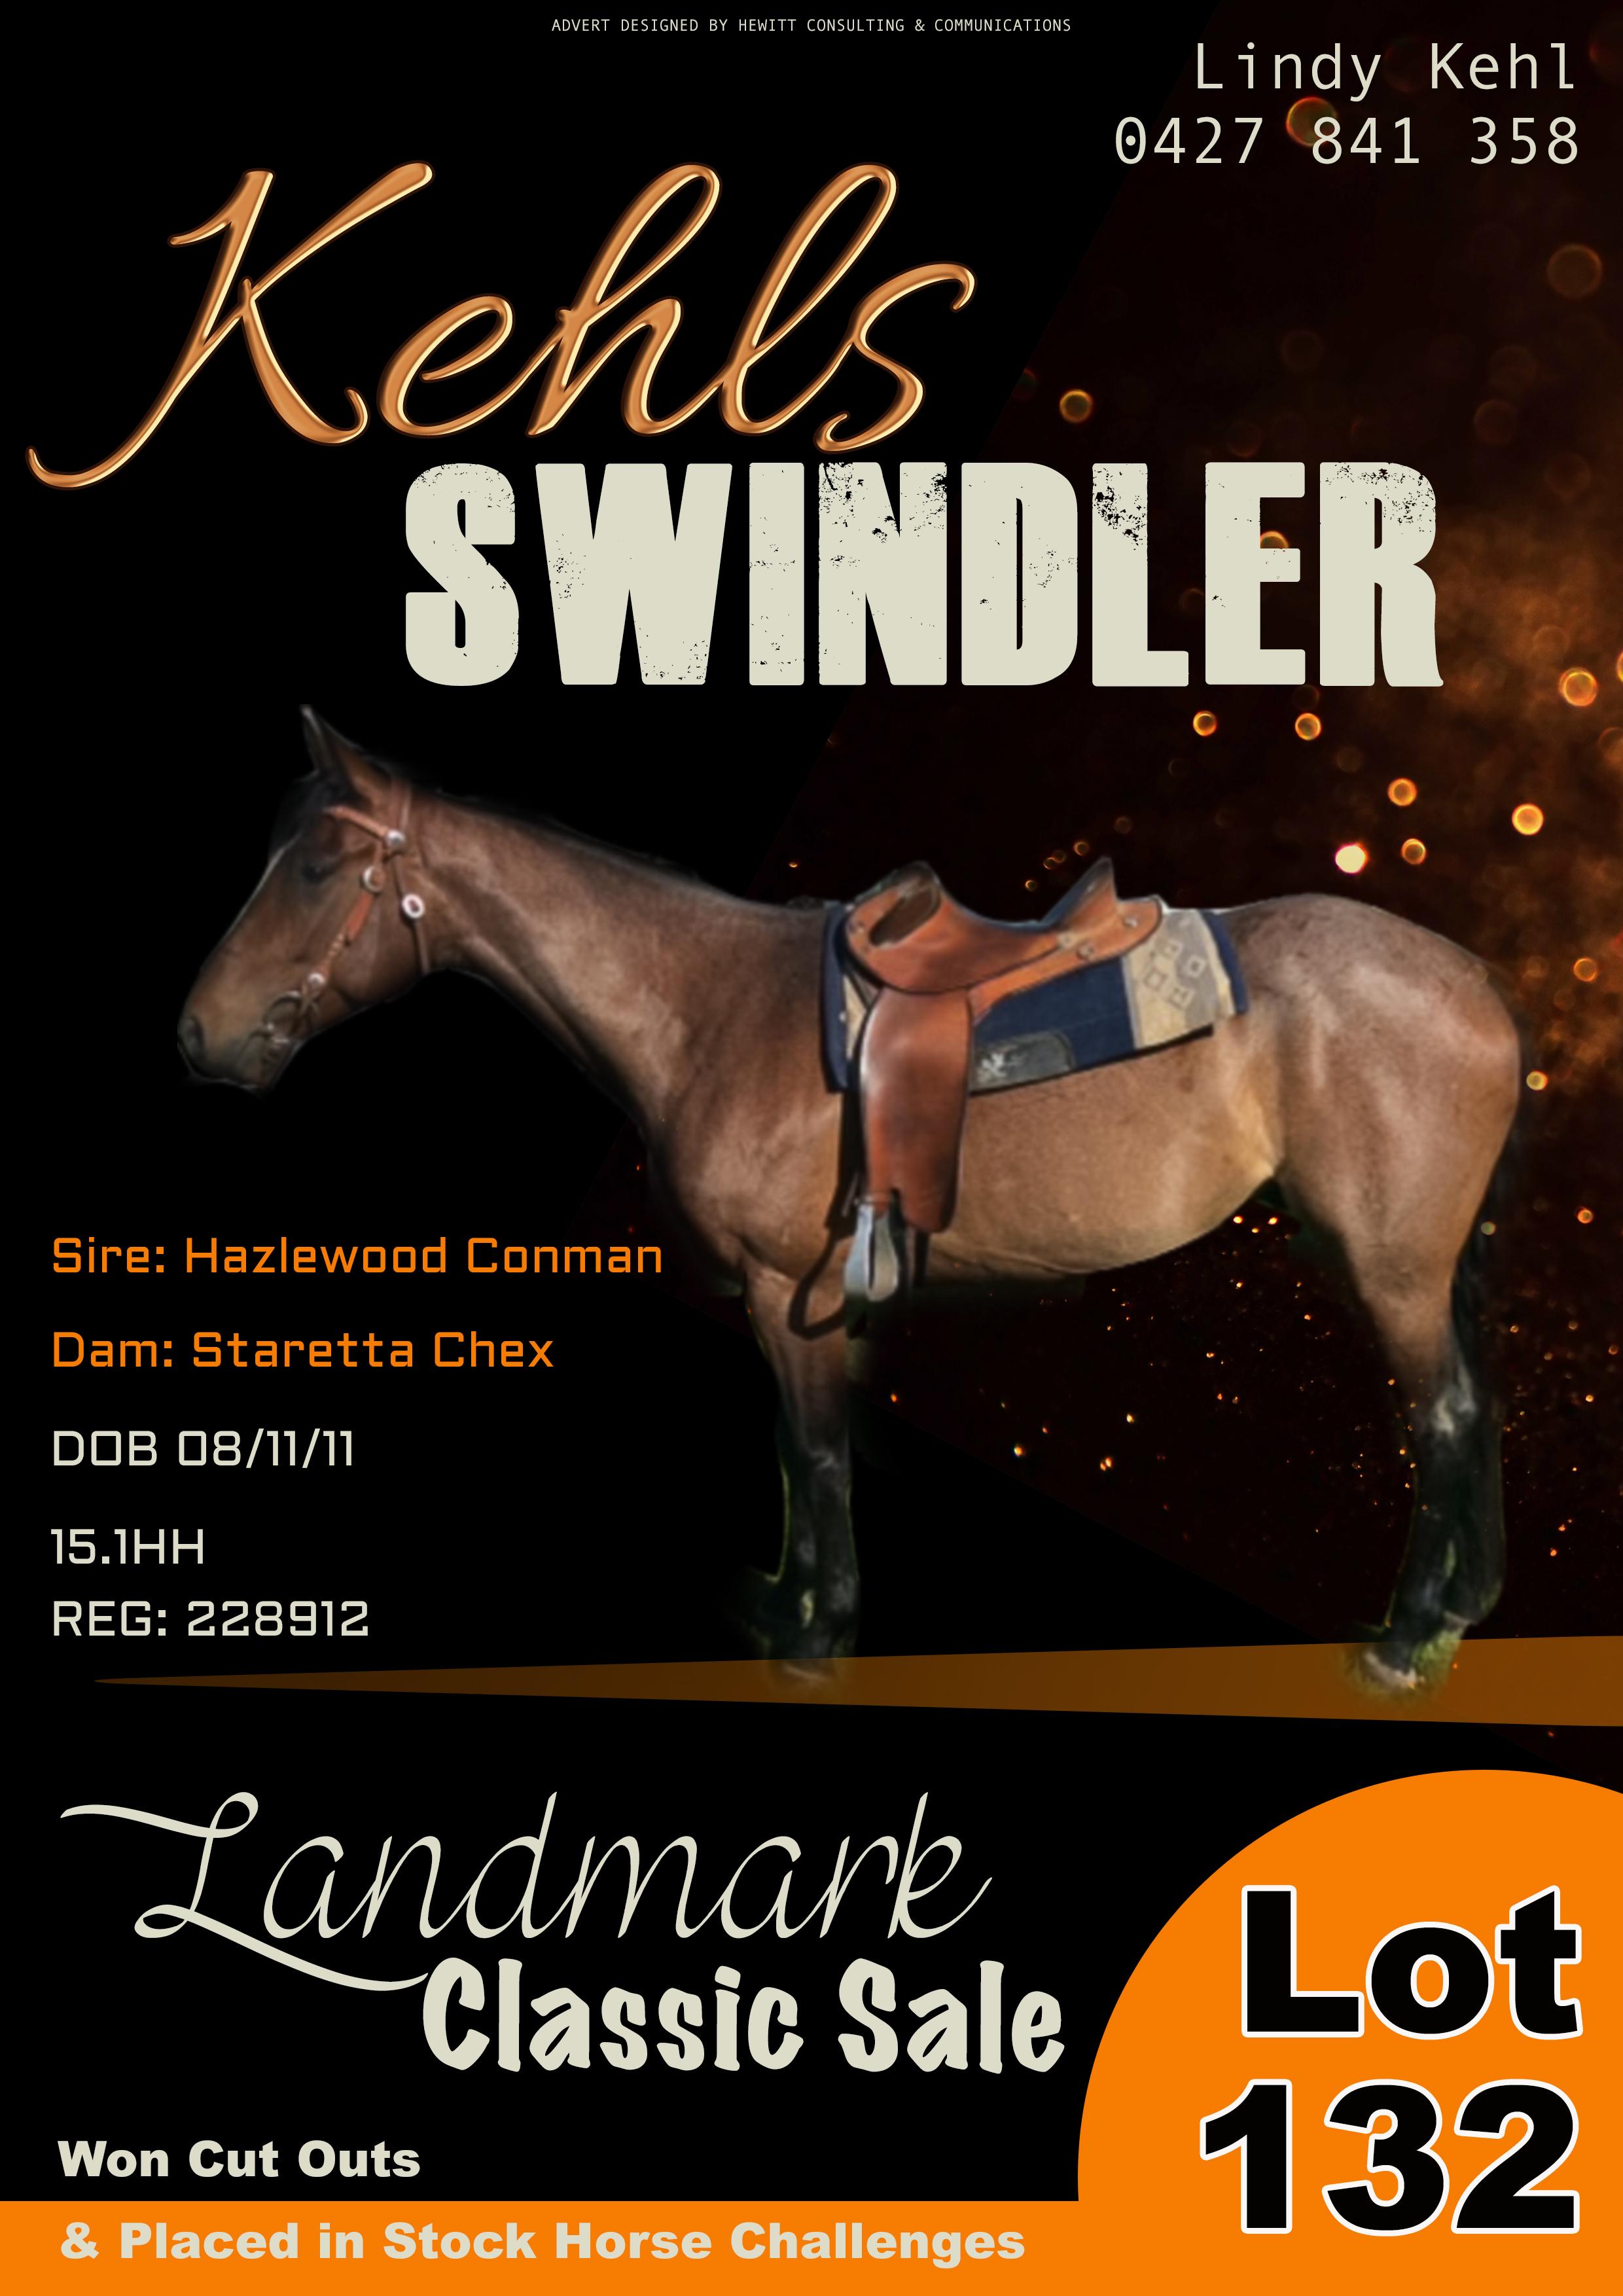 Kehls Swindler